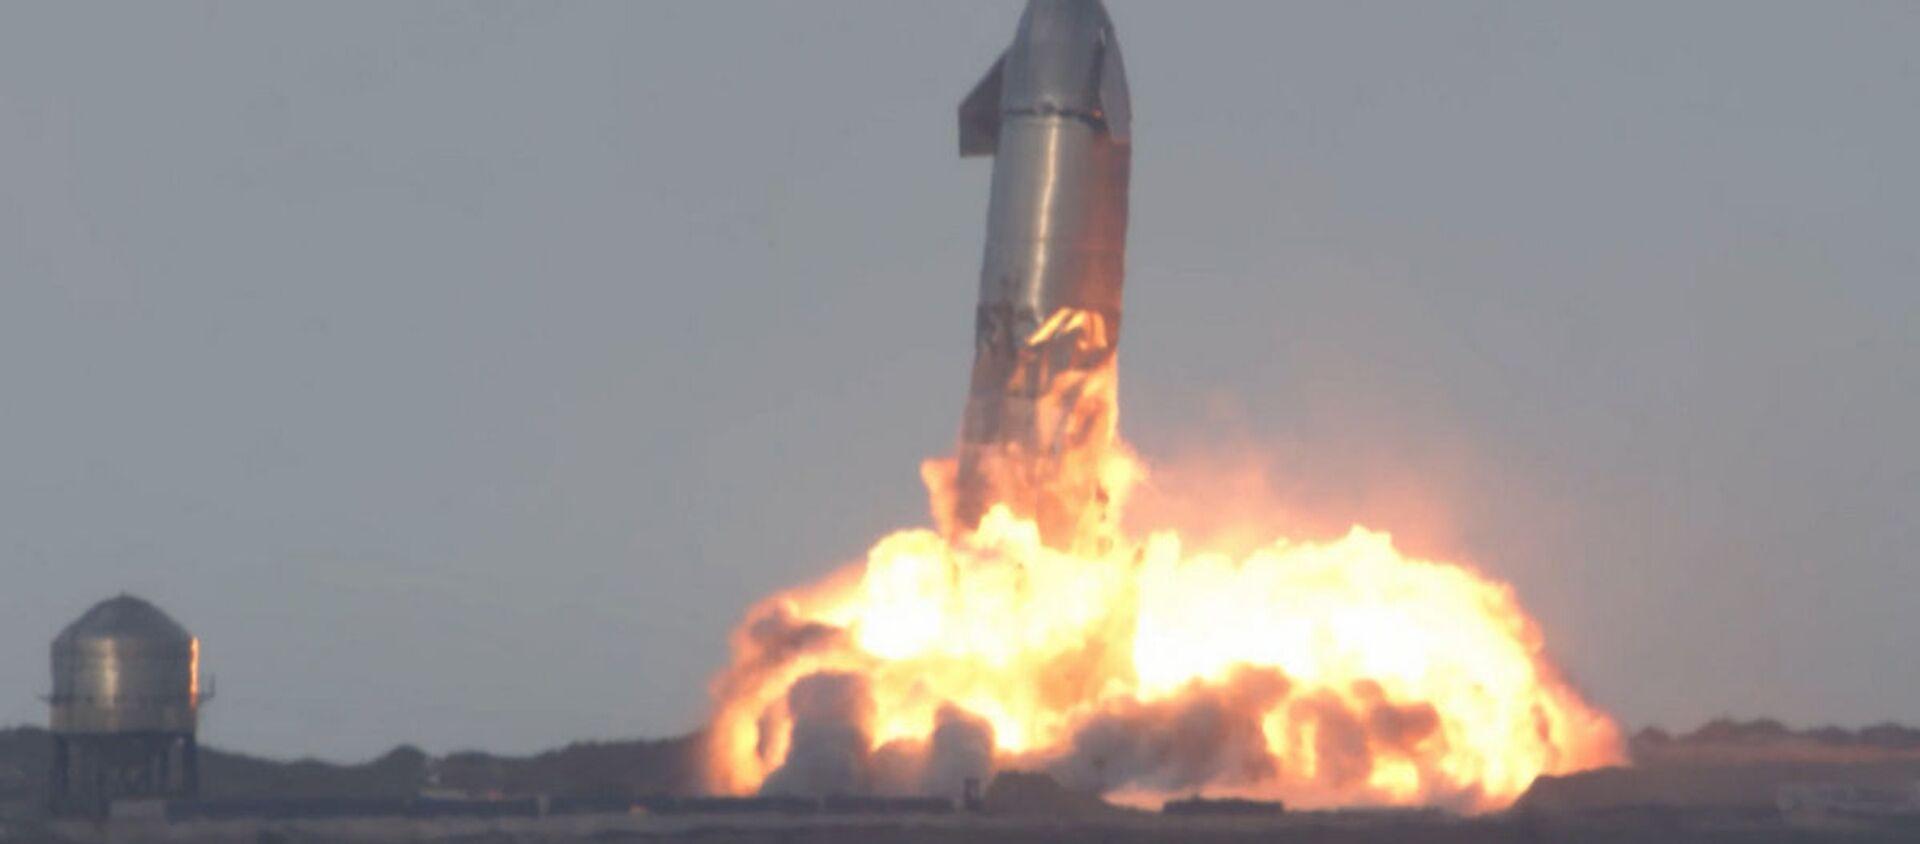 Прототип корабля SpaceX взорвался после первой успешной посадки - Sputnik Беларусь, 1920, 05.03.2021